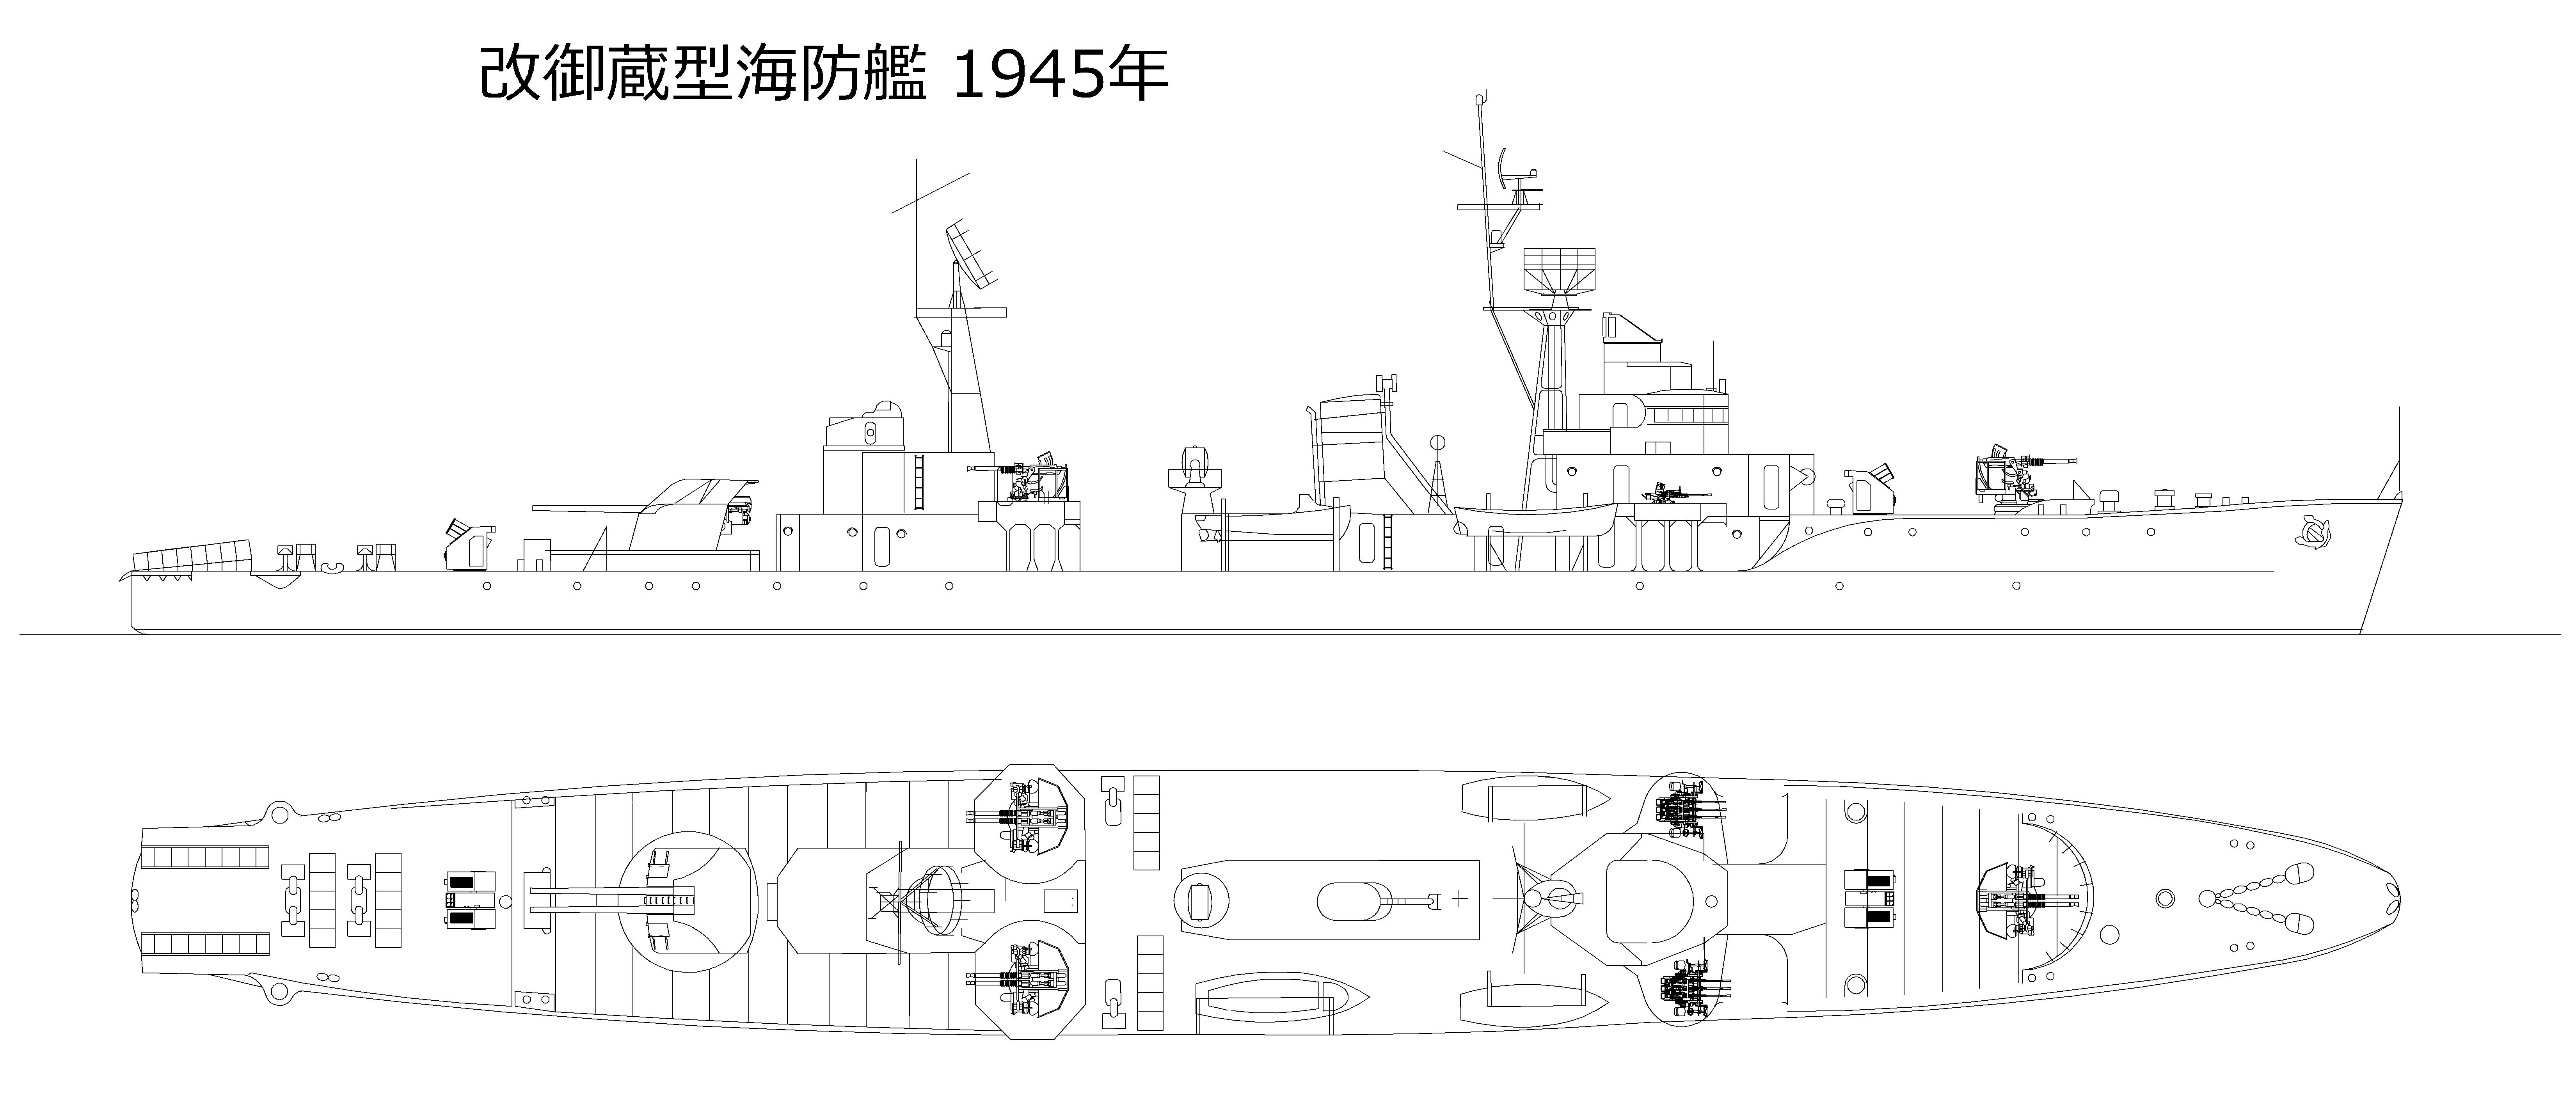 仮想艦隊25.海防艦1号型